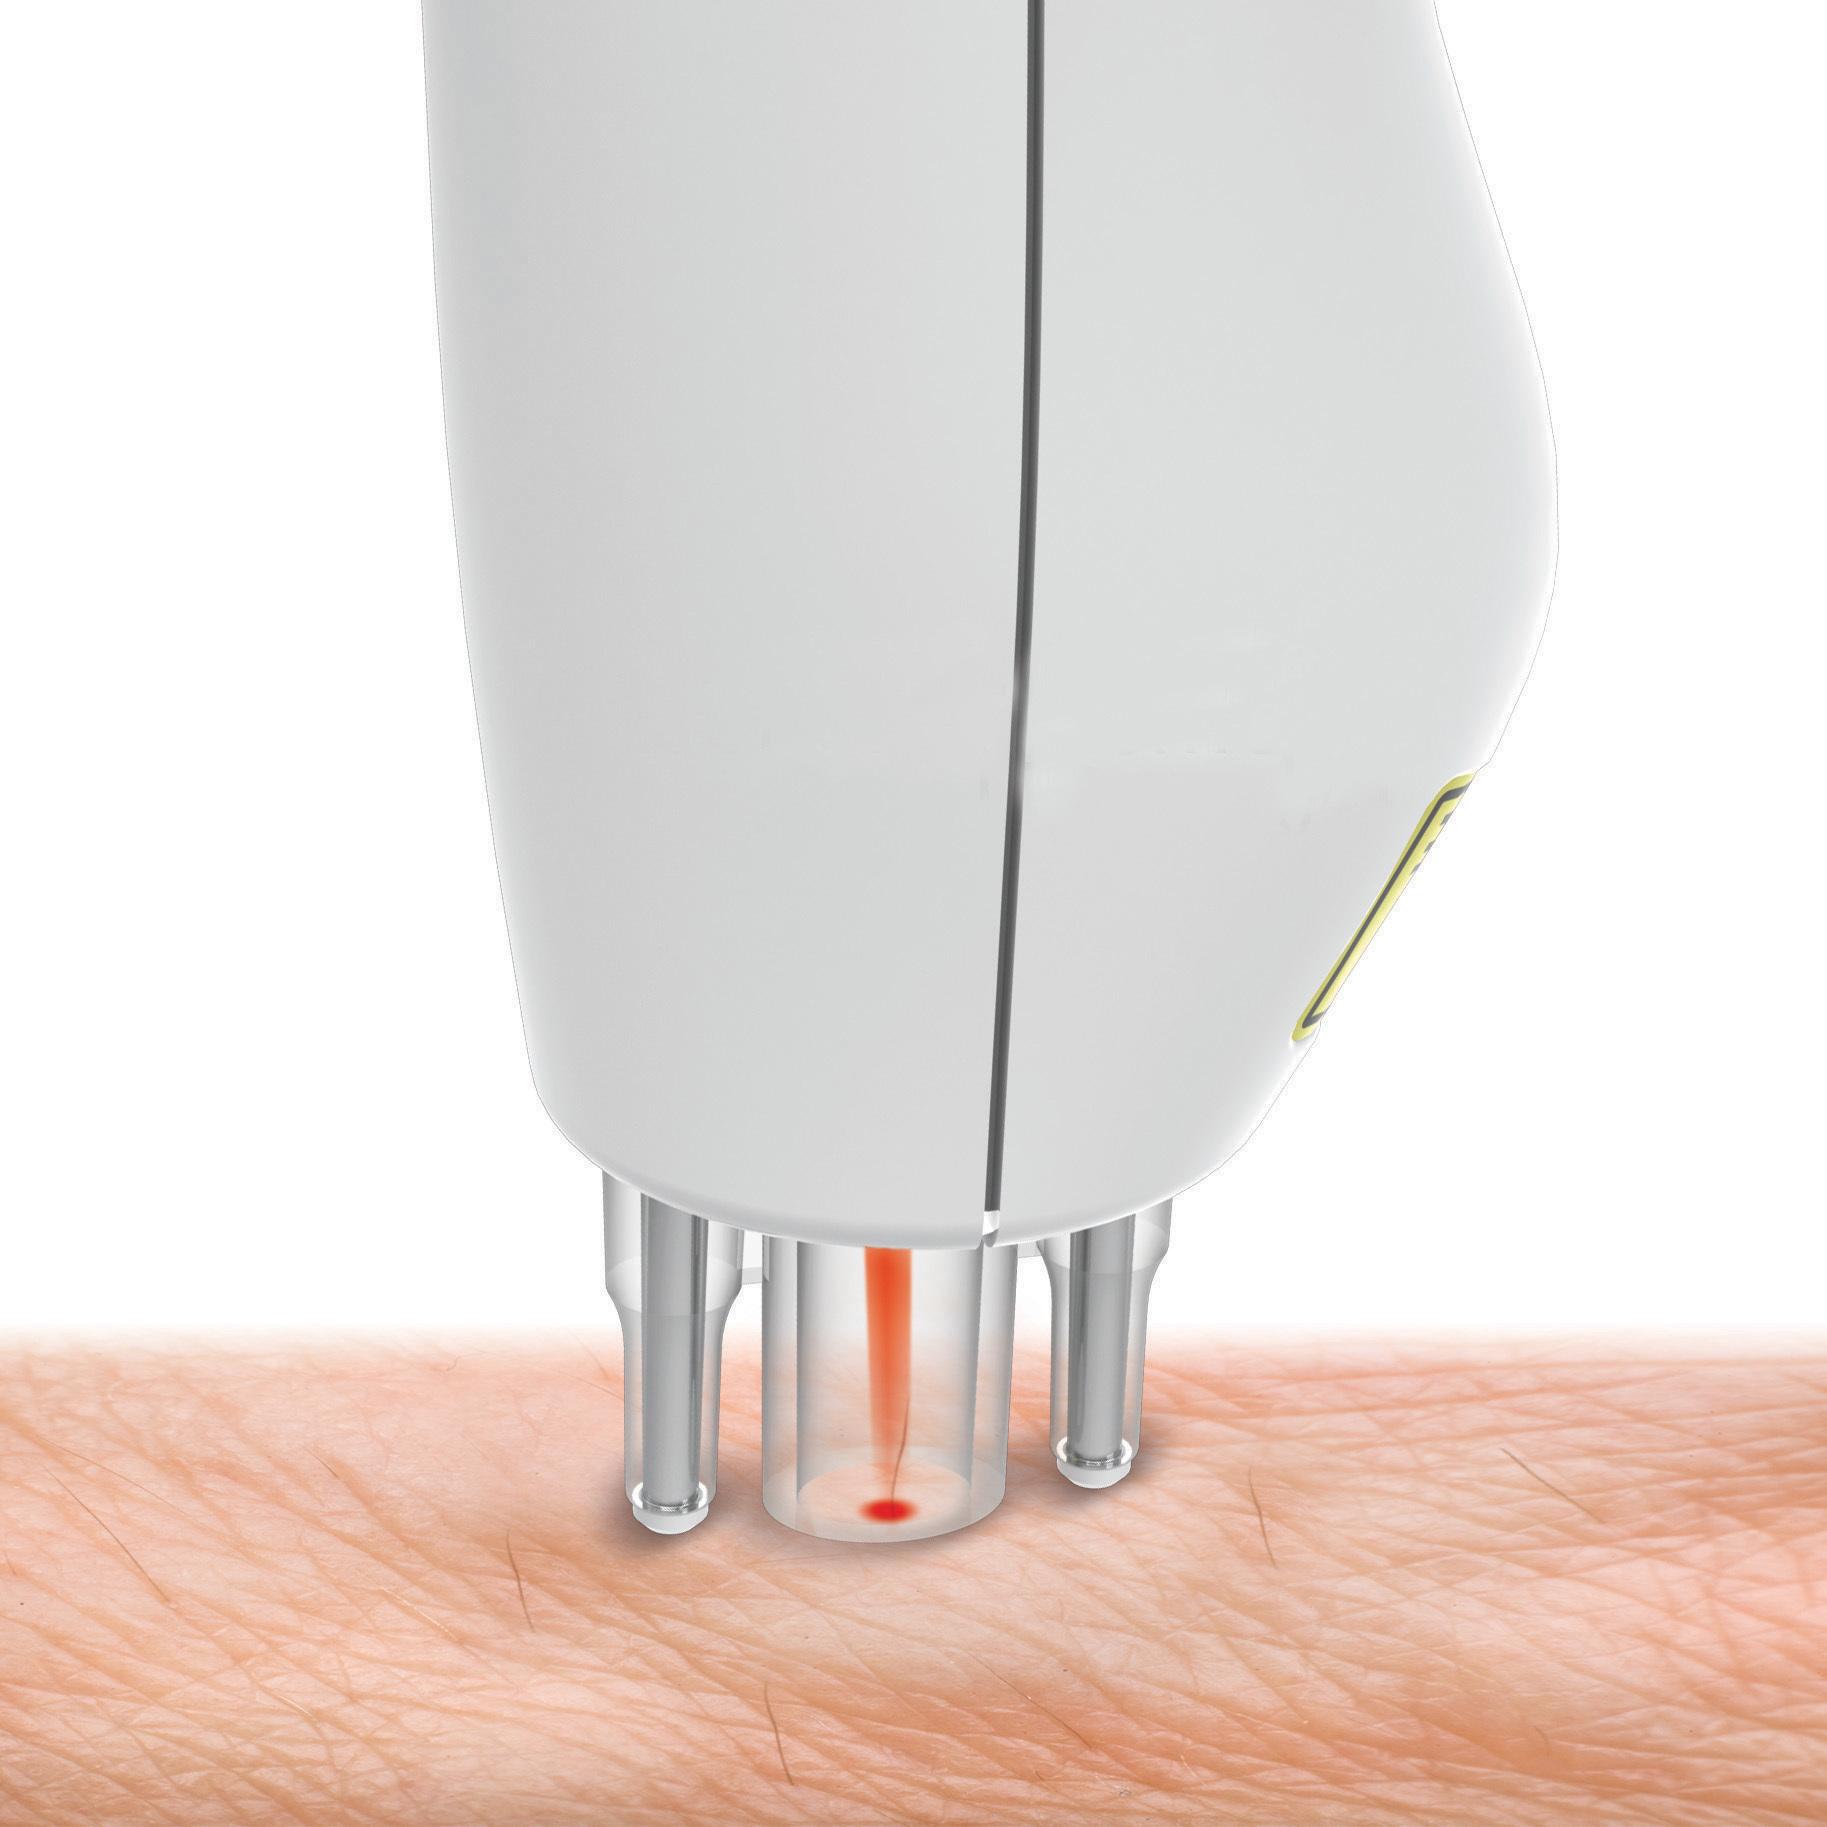 Как выбрать и как пользоваться лазерным эпилятором для дома